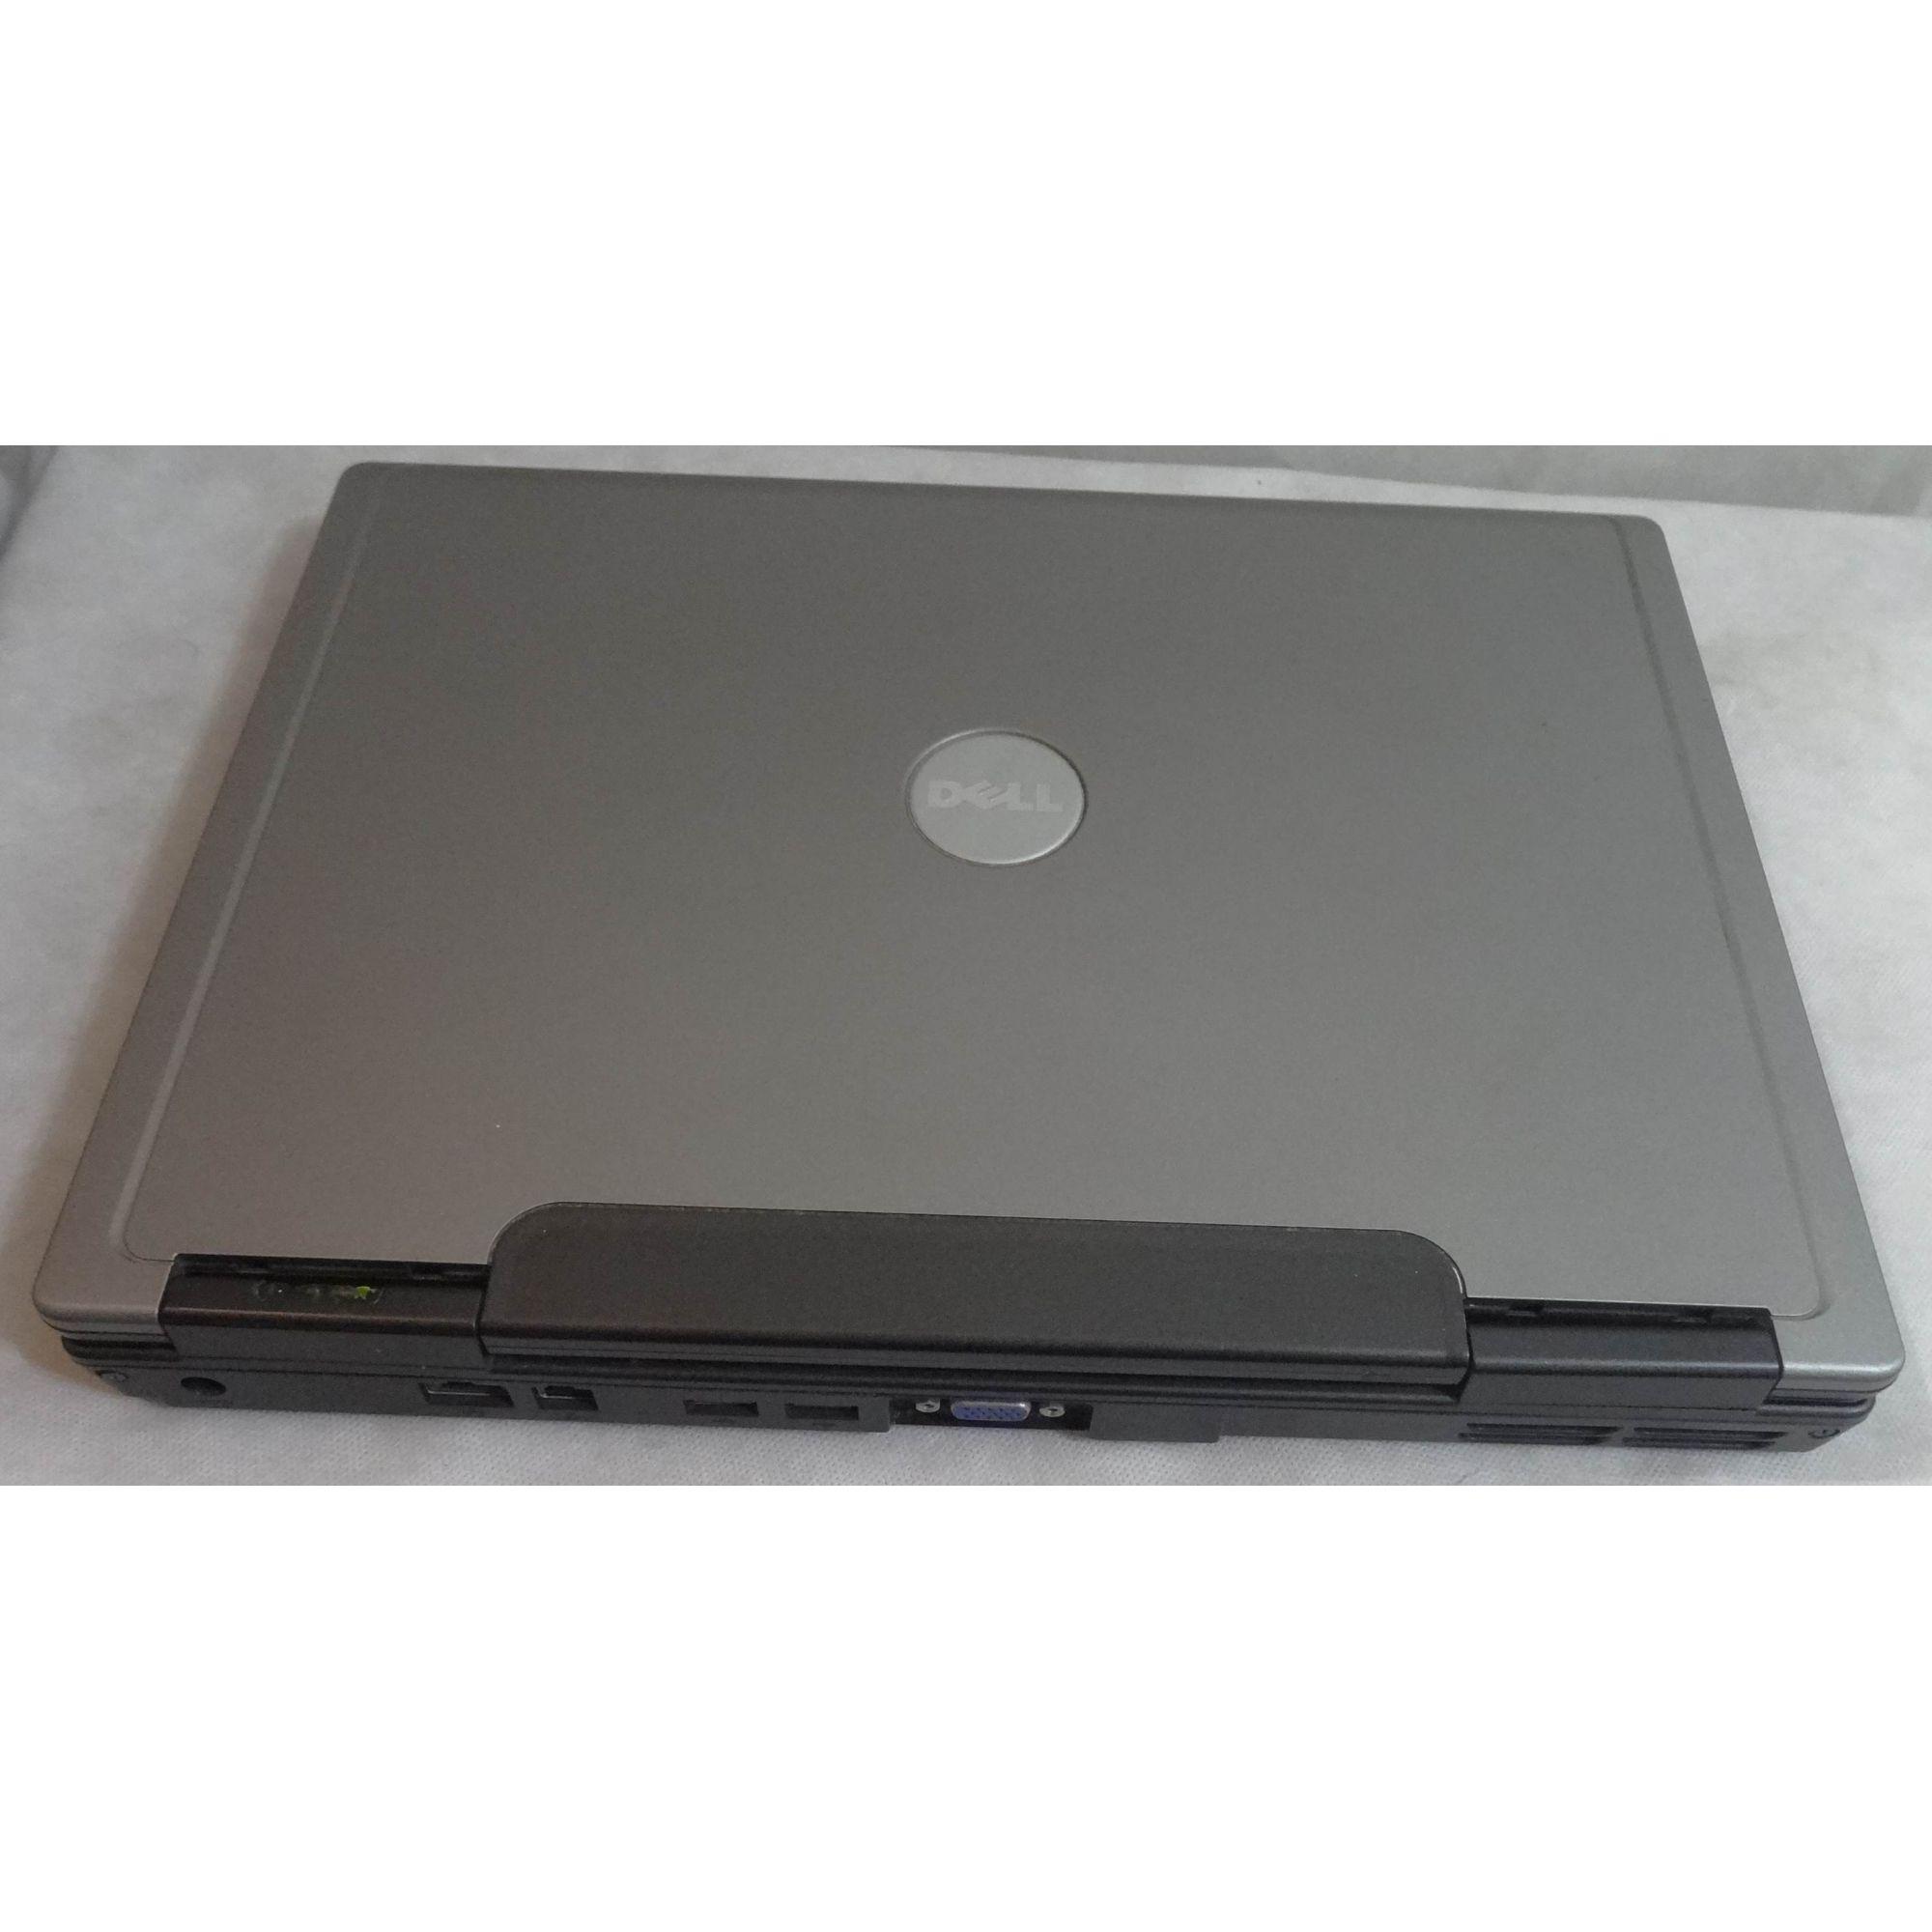 Notebook Dell Latitude 131L 15.6